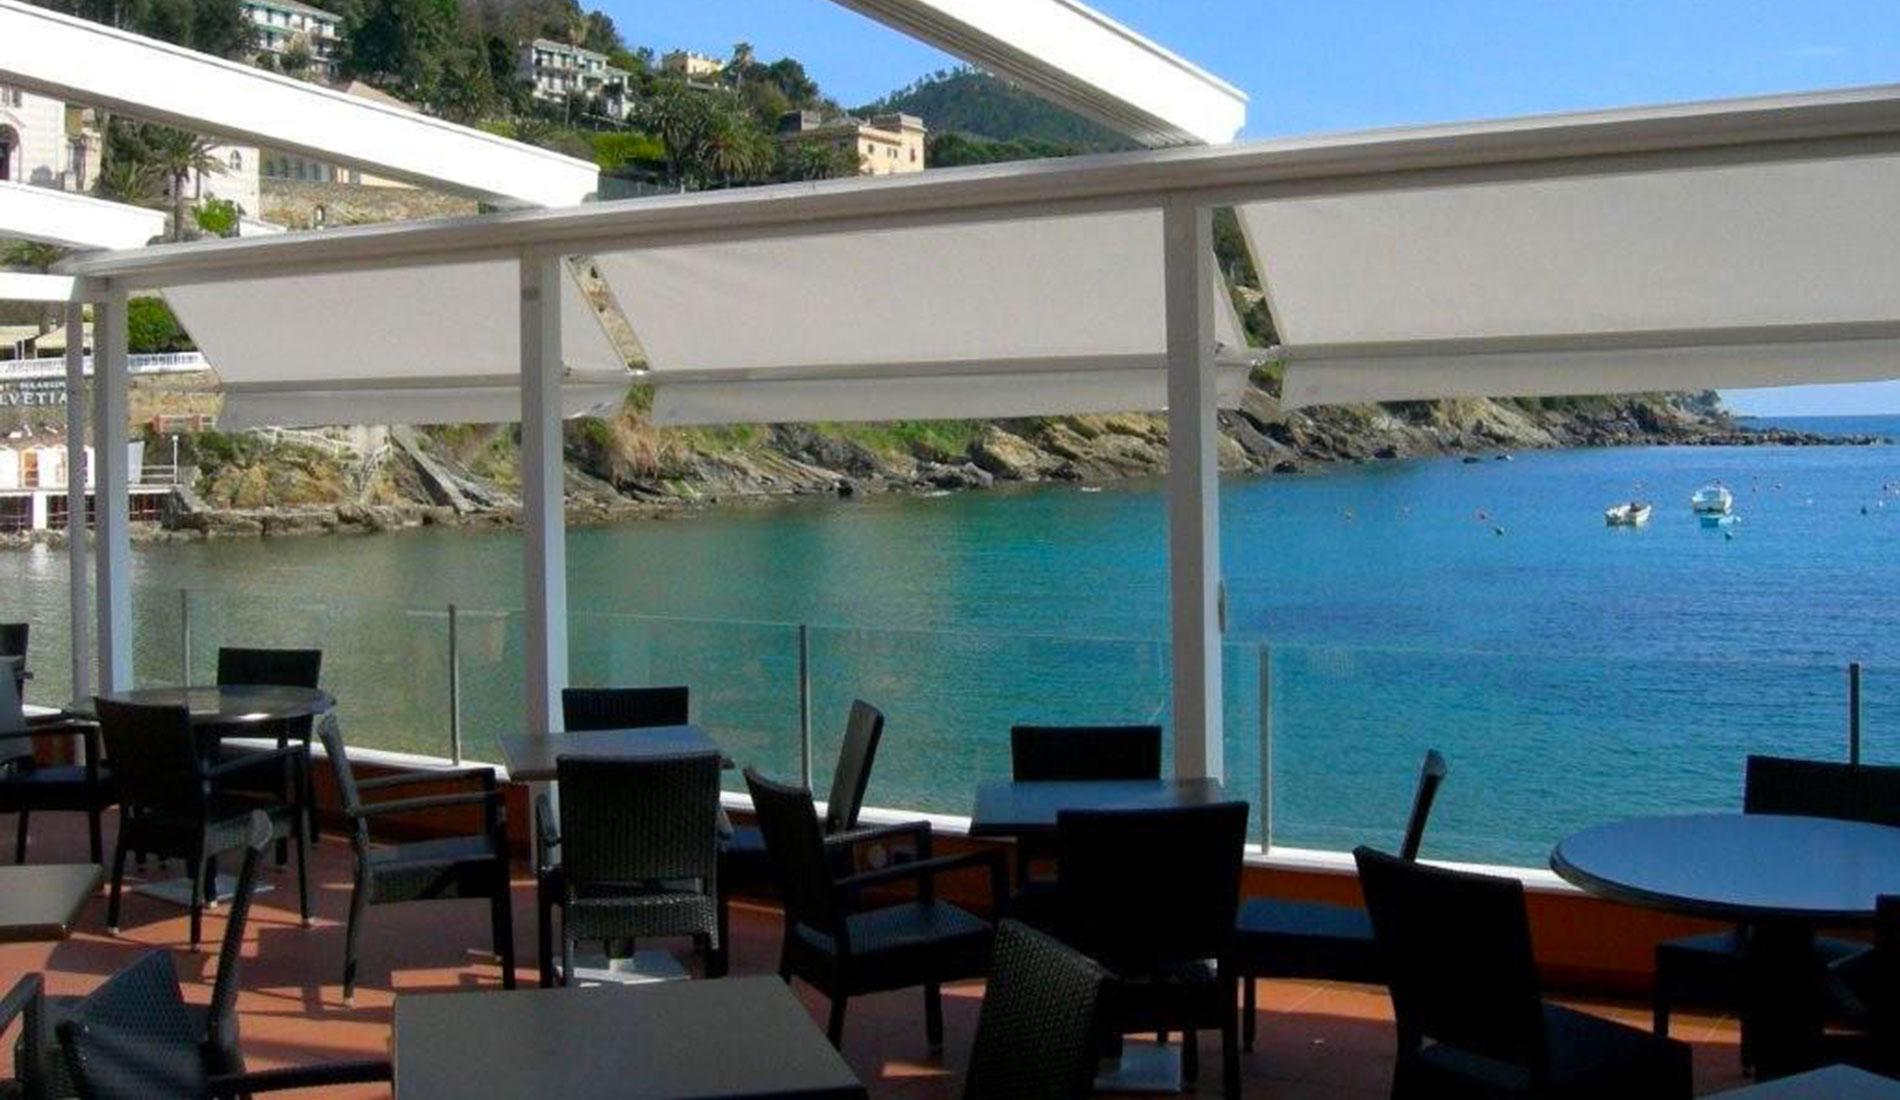 TPS2: Hotel Miramare – Sestri Levante